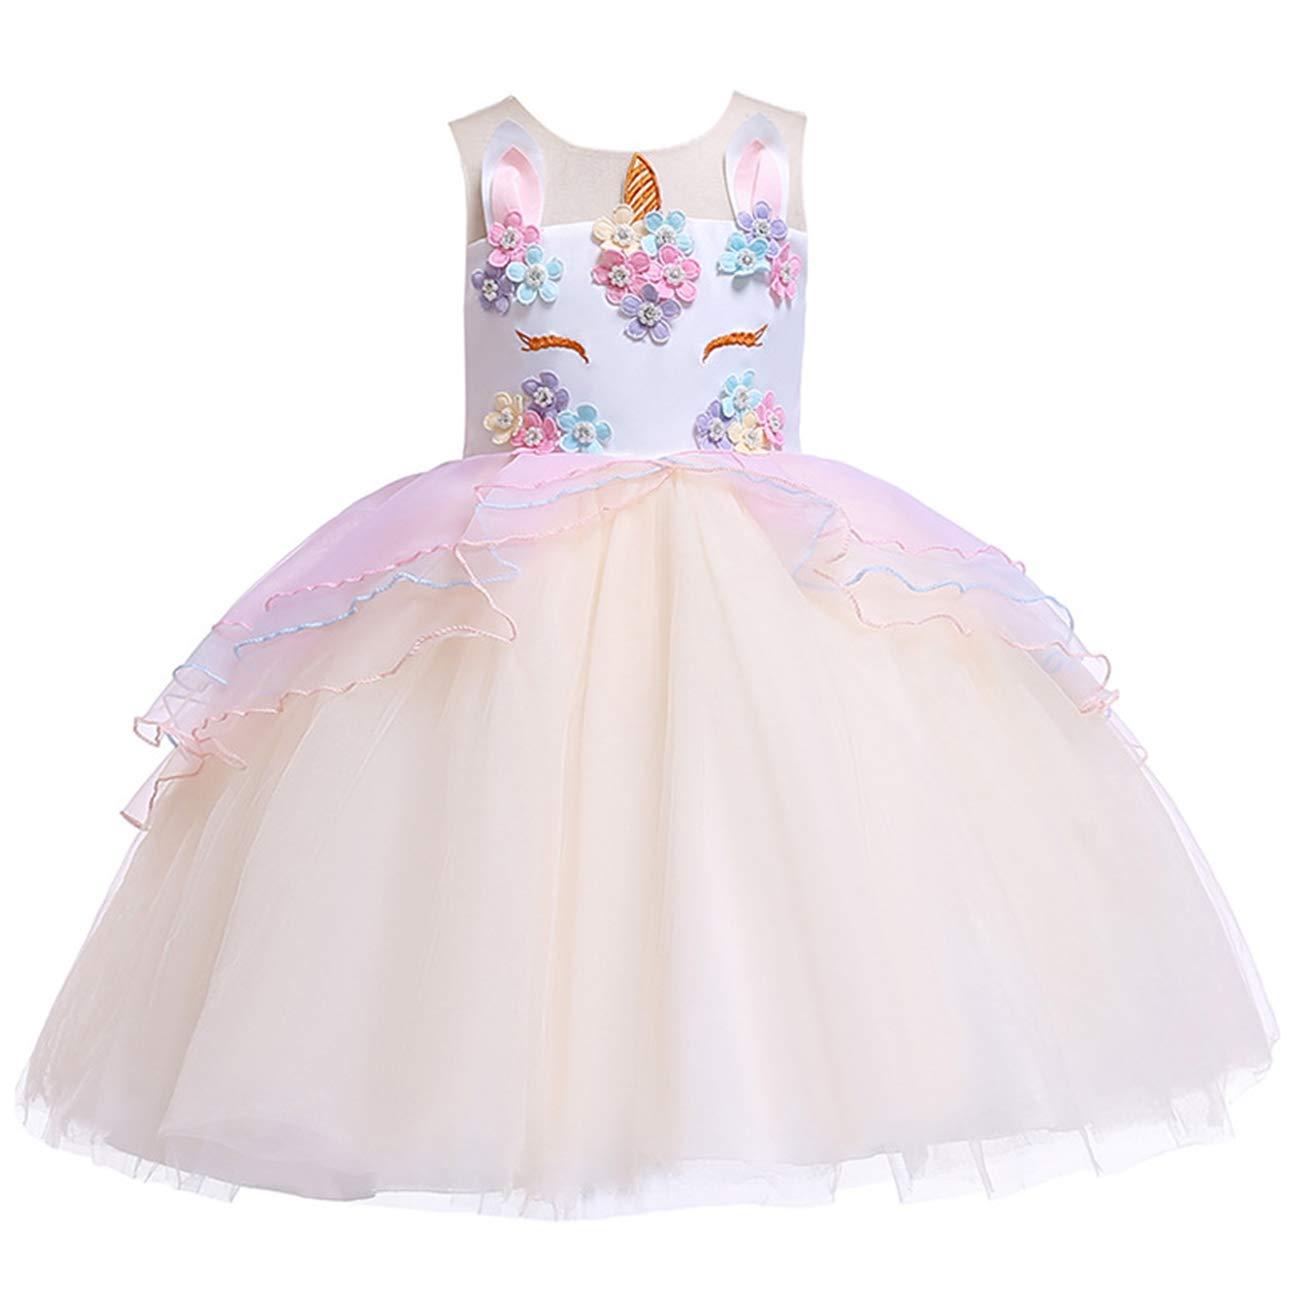 Niña Vestido Unicornio Disfraz Flor Cumpleaños Partido Bebé ...